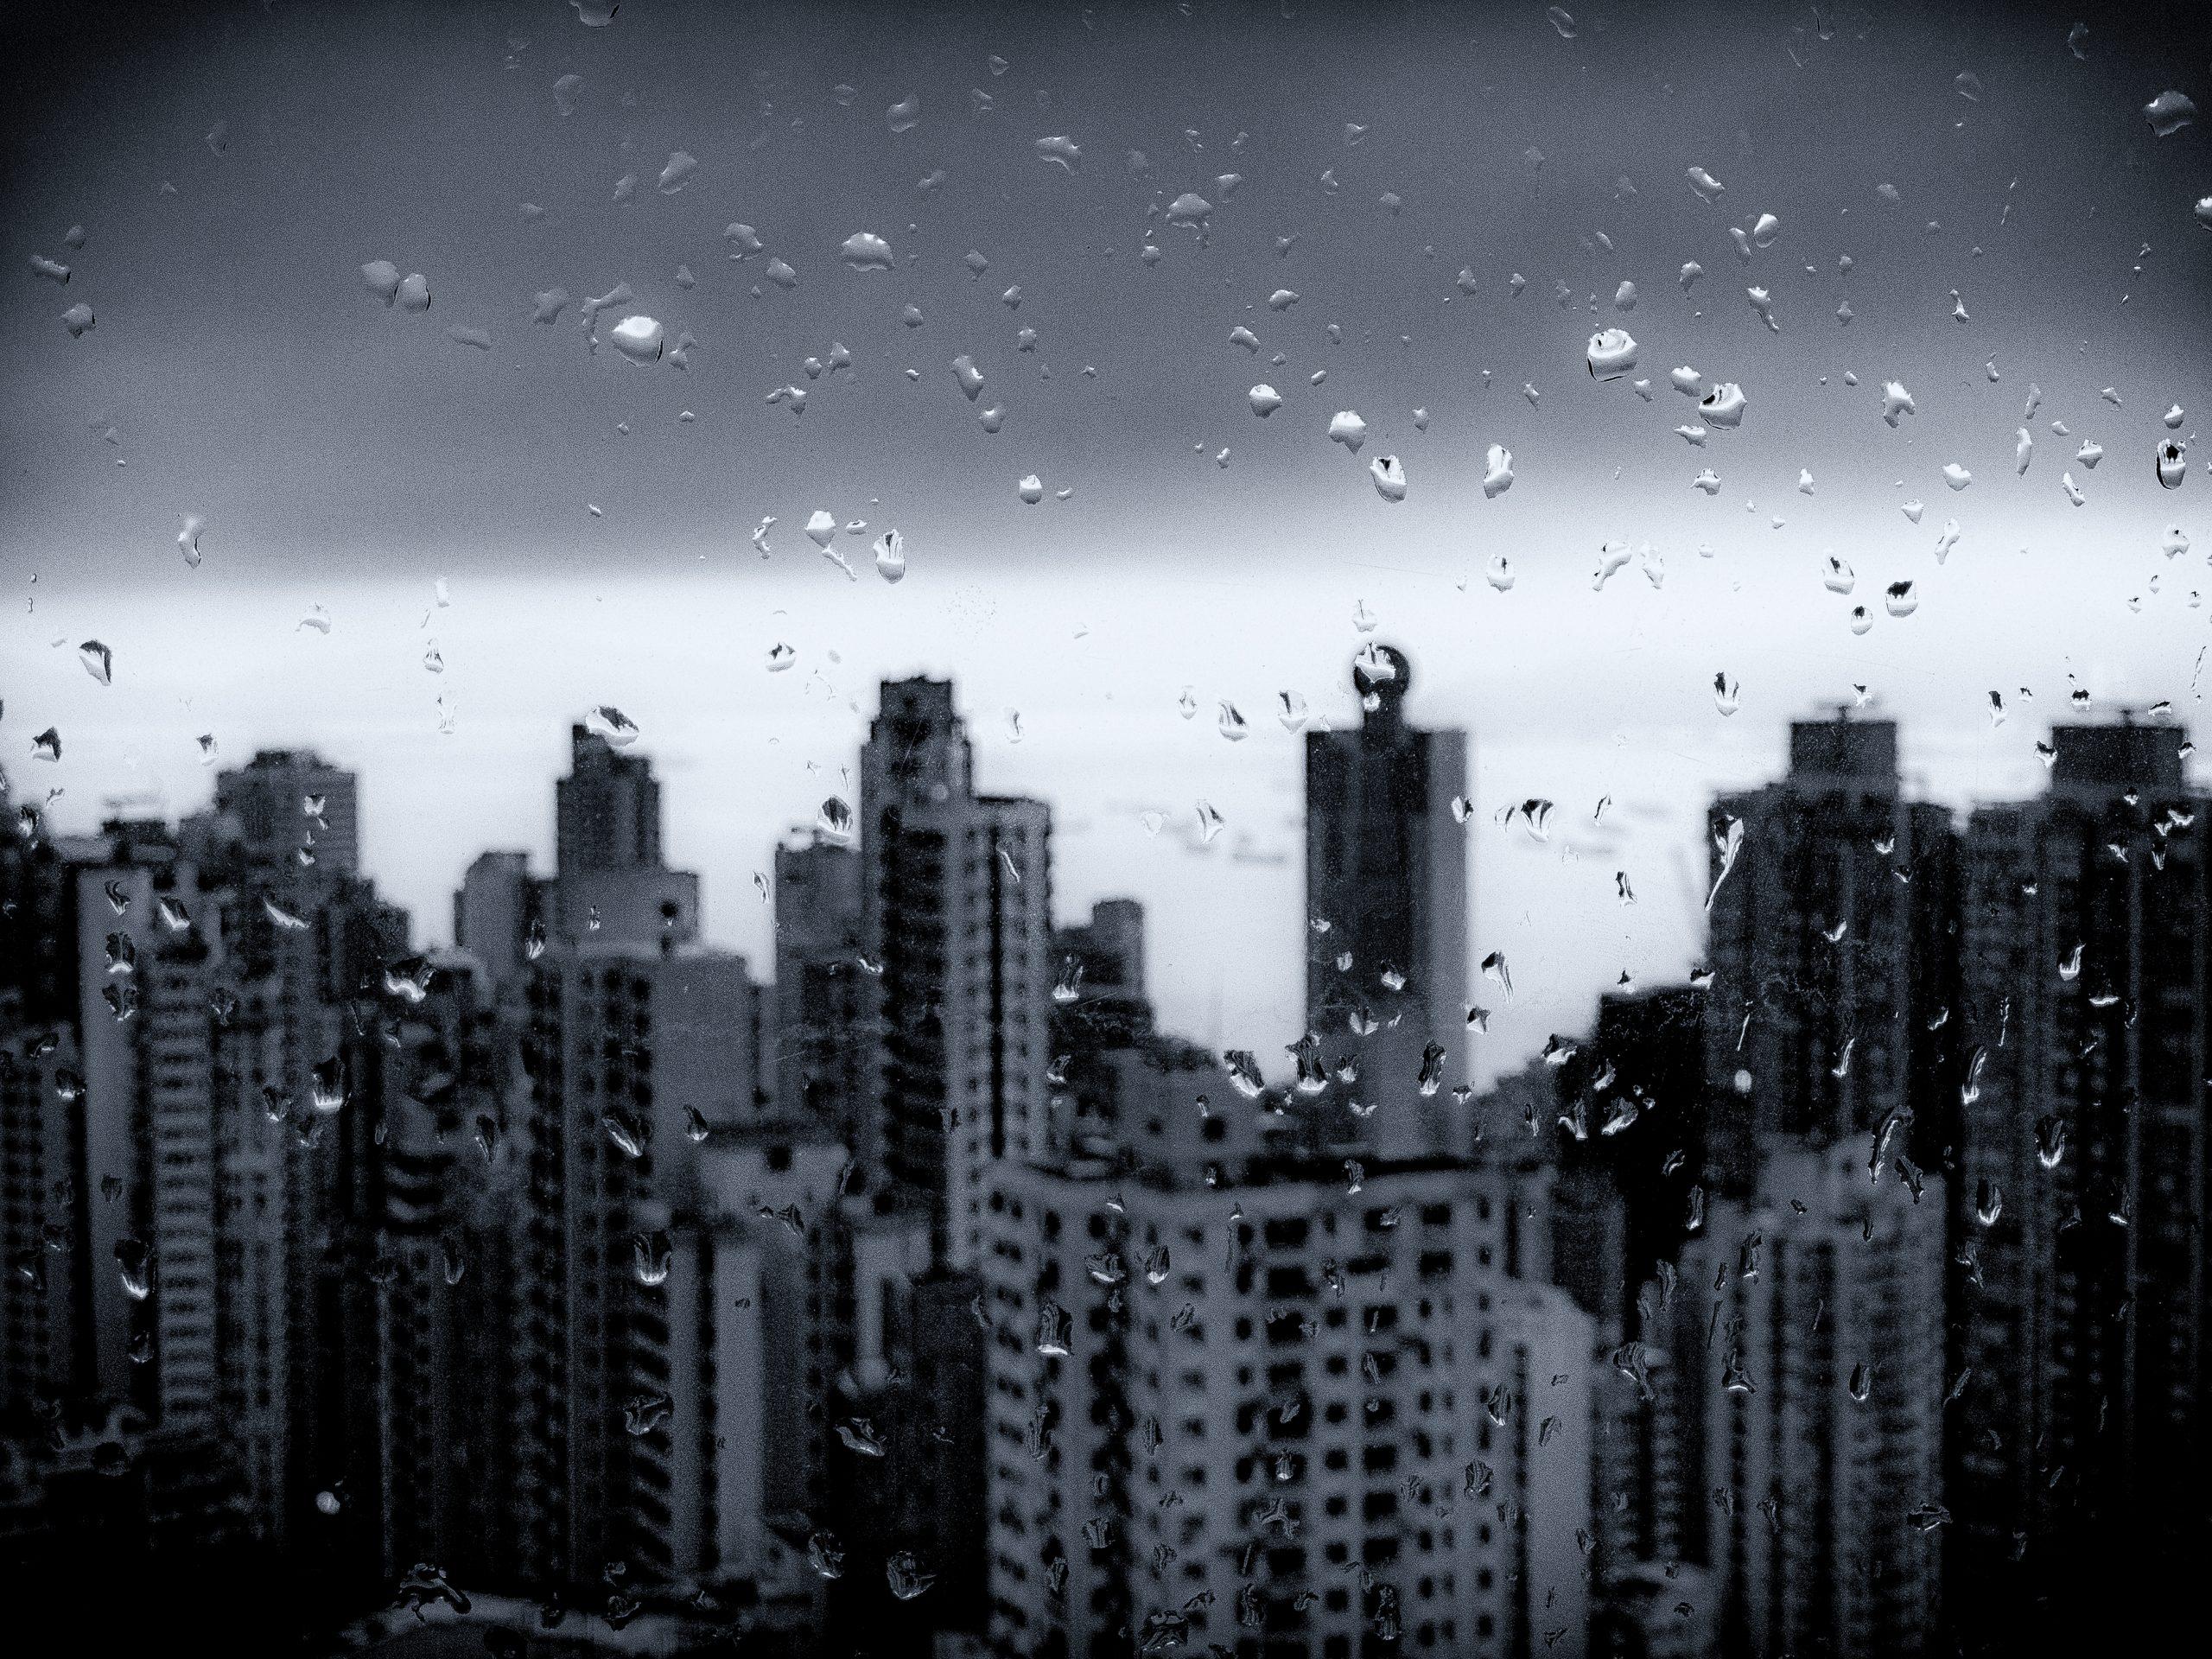 15. Rainy day